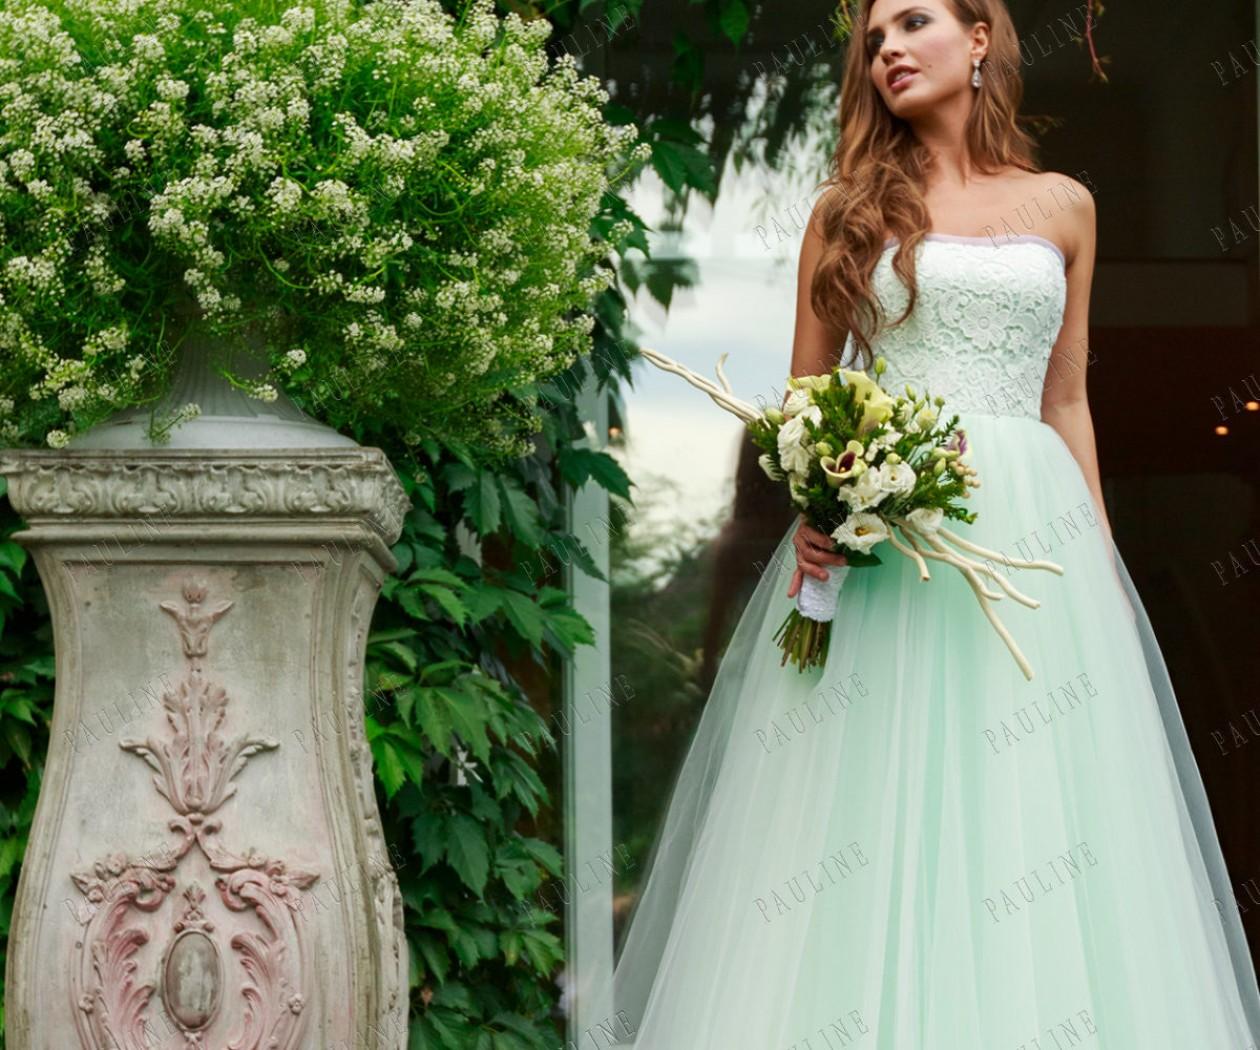 Свадебное платье с пышной юбкой и корсетом ОМЕЛЬЕ